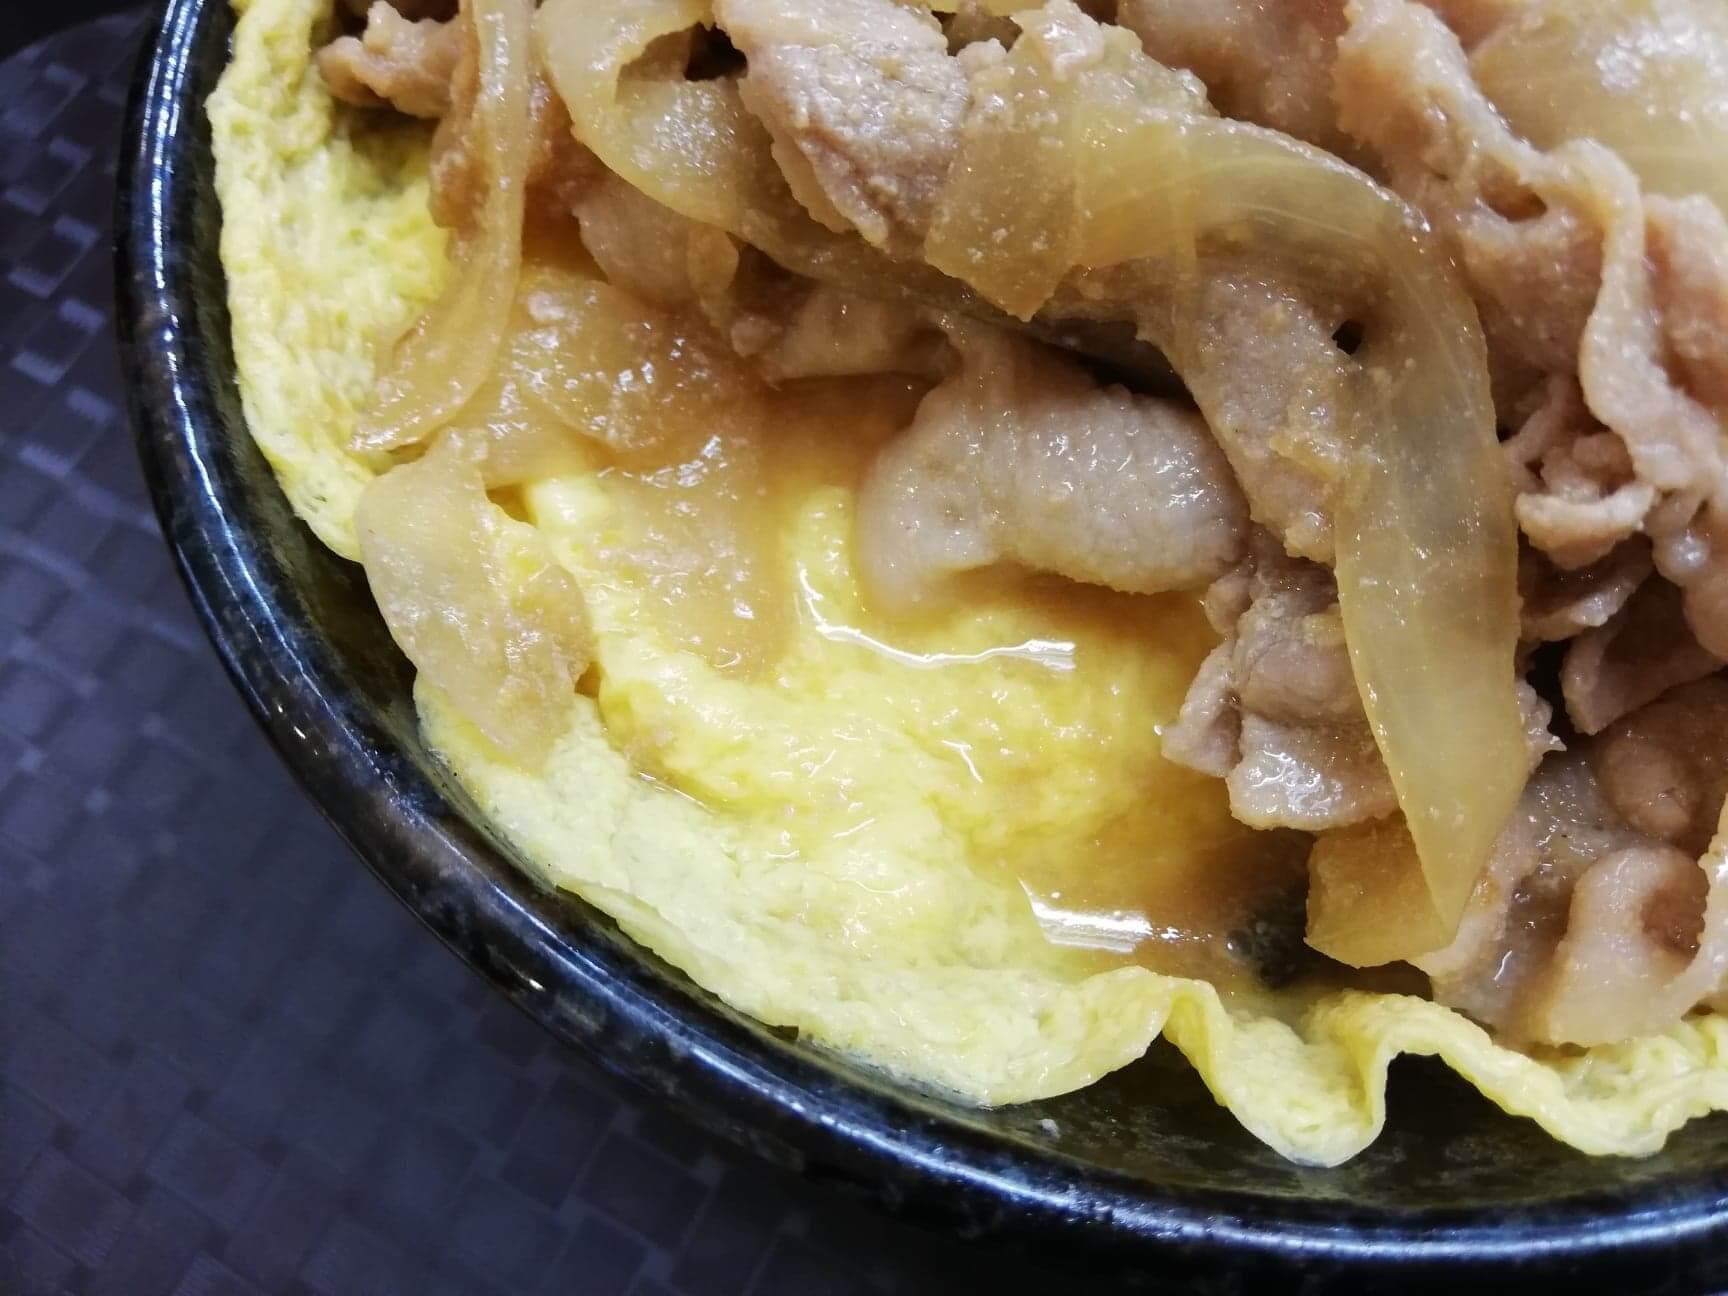 江古田『笑姜や』の、理想の生姜焼き丼の卵の写真